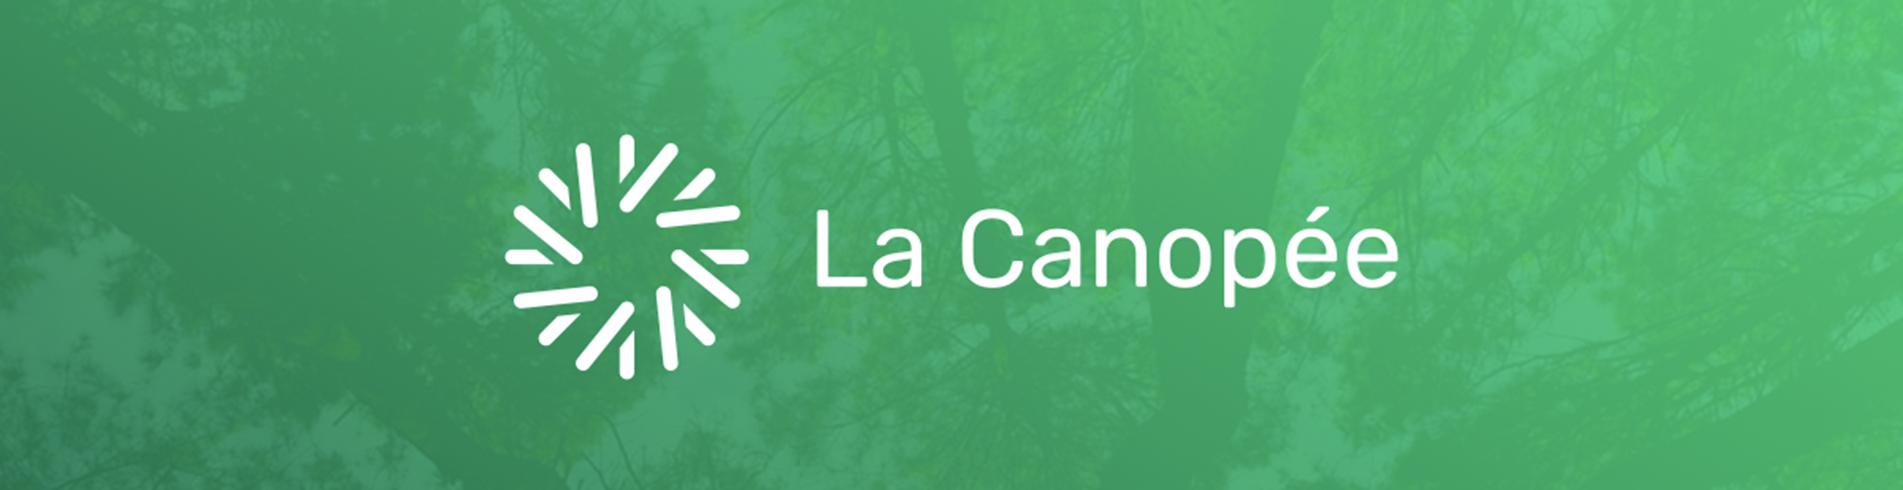 concours la canopée innovation forêt bois